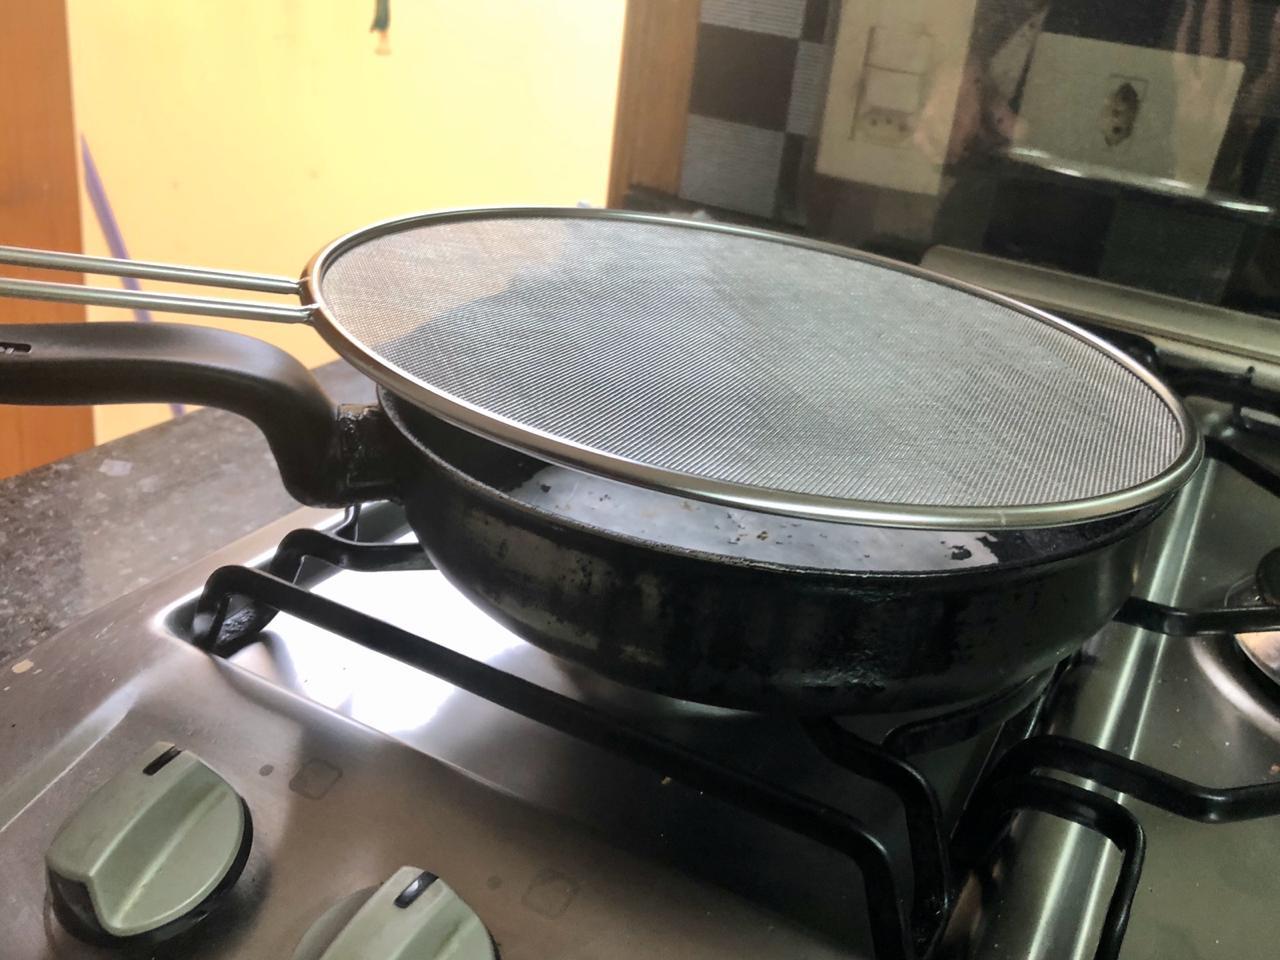 Tela anti respingo fritura aço inox 29 cm MimoStyle